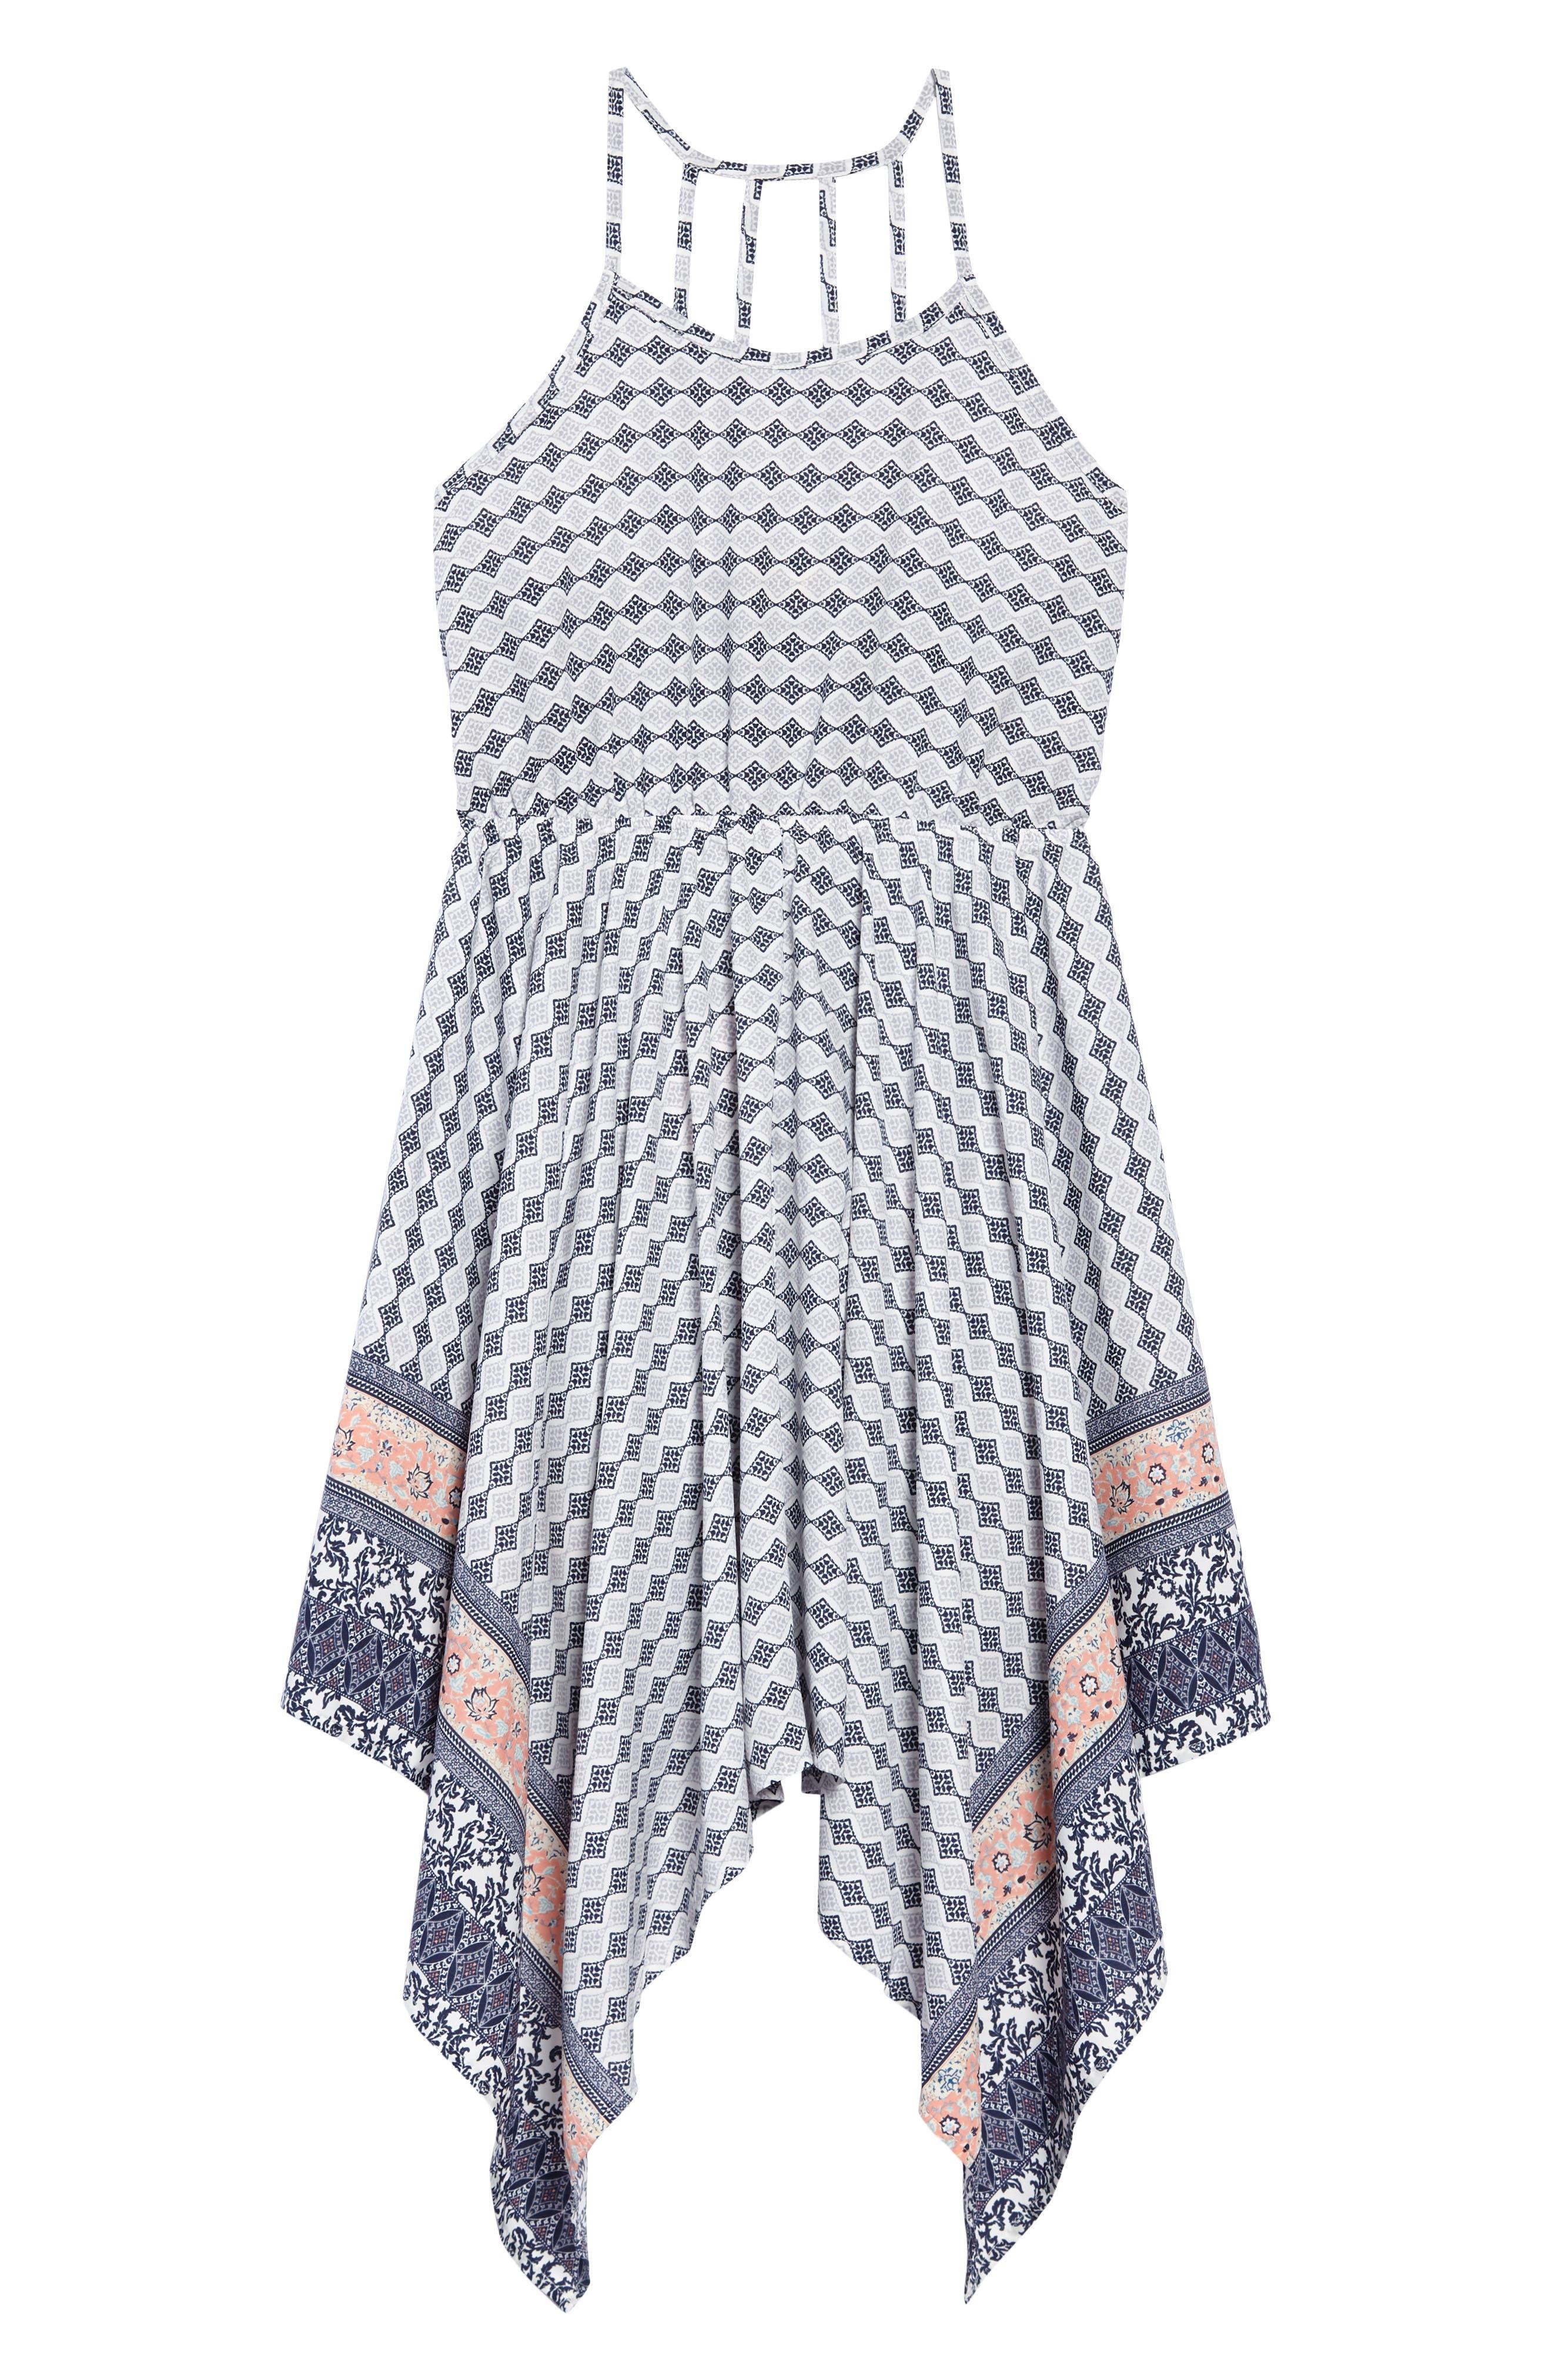 Main Image - Soprano Print Handkerchief Dress (Big Girls)